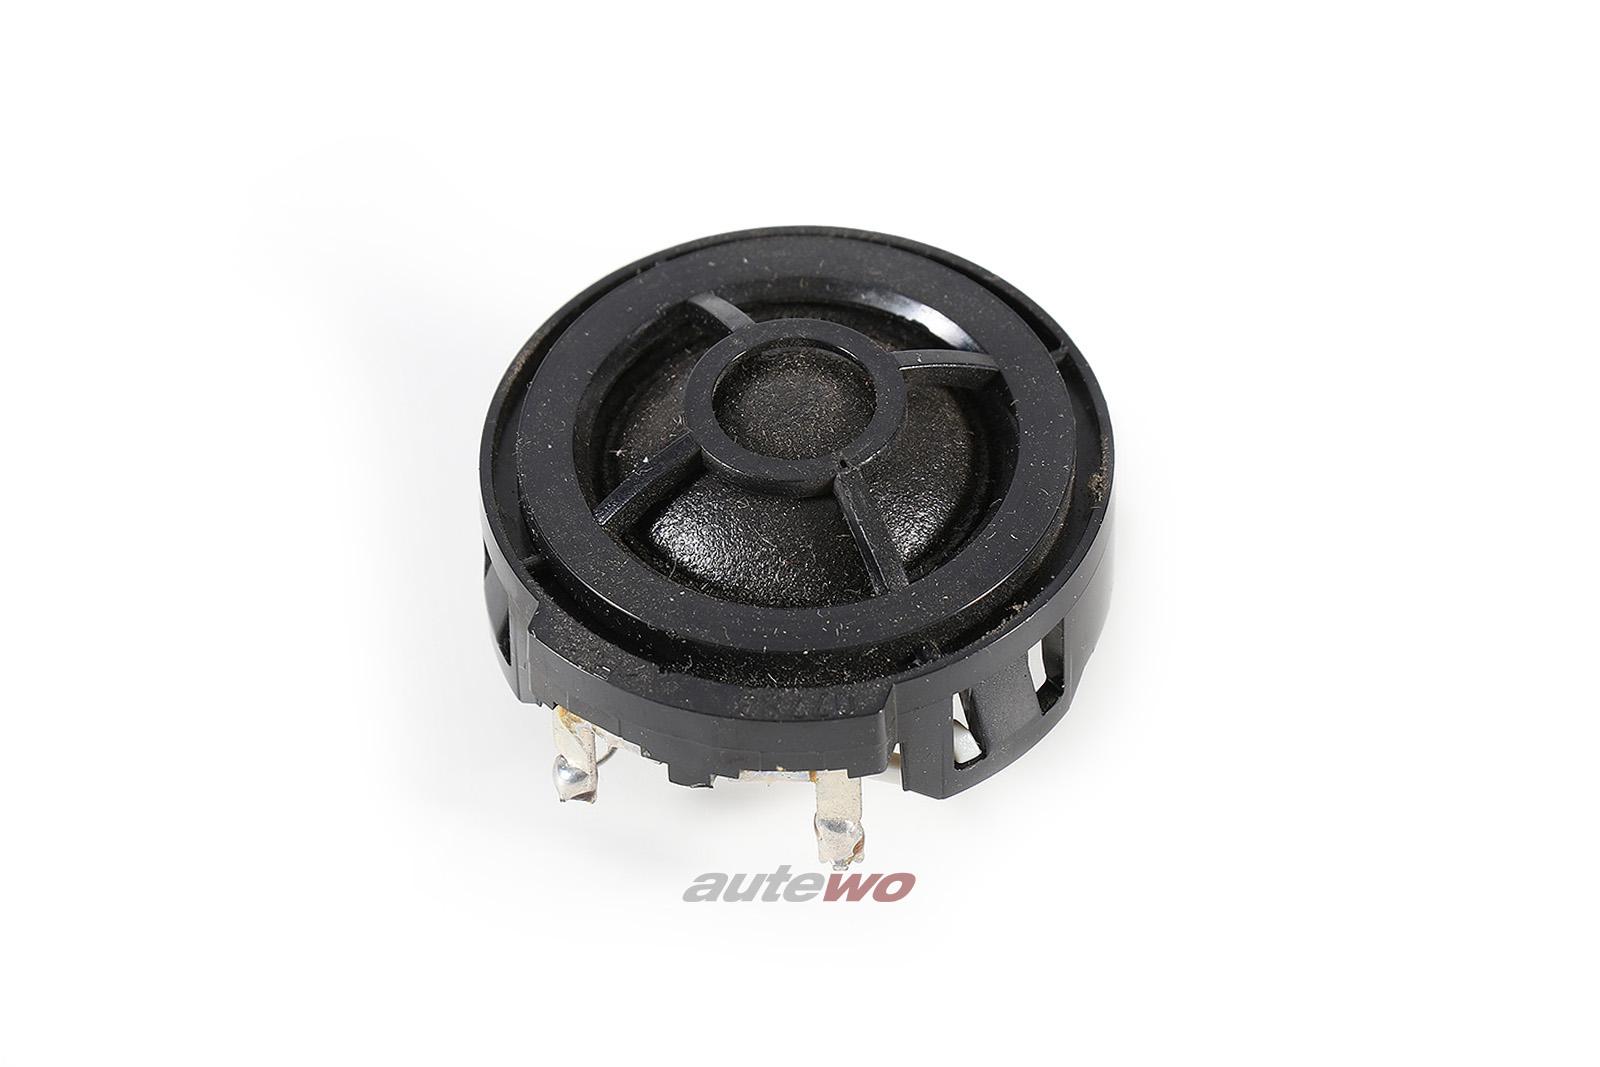 8E0035399A Audi A4/S4/RS4 8E/B6/B7/A8/S8 D3/4E Hochtonlautsprecher Bose Hinten